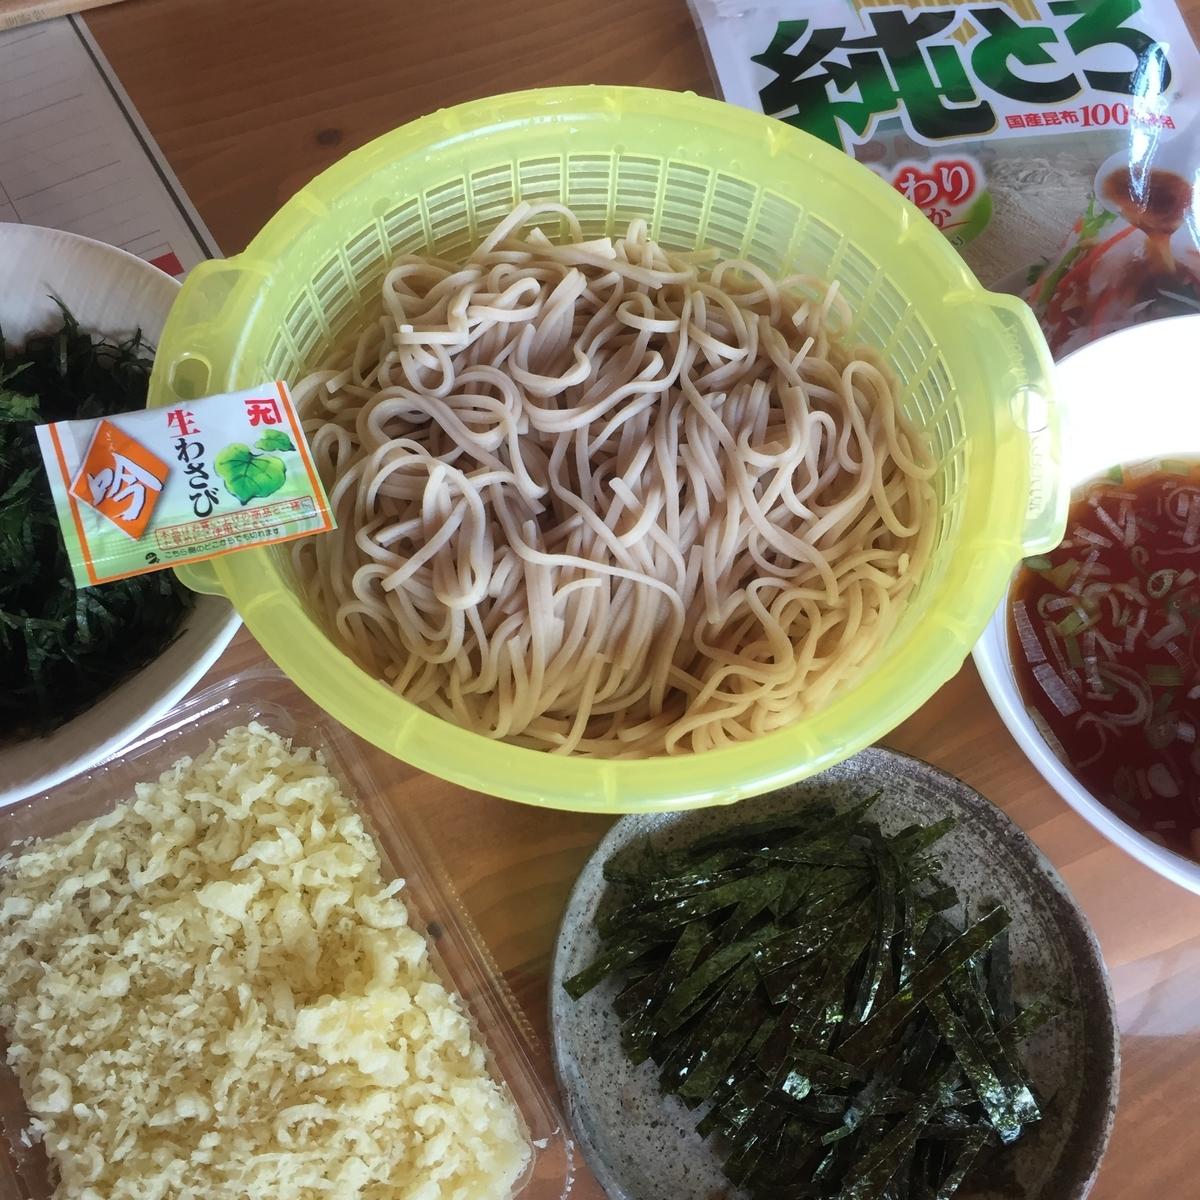 ざるそばの食べ方の紹介としてたくさんの様々な具材と一緒に乾麺のそばを中心に置いて撮影した写真